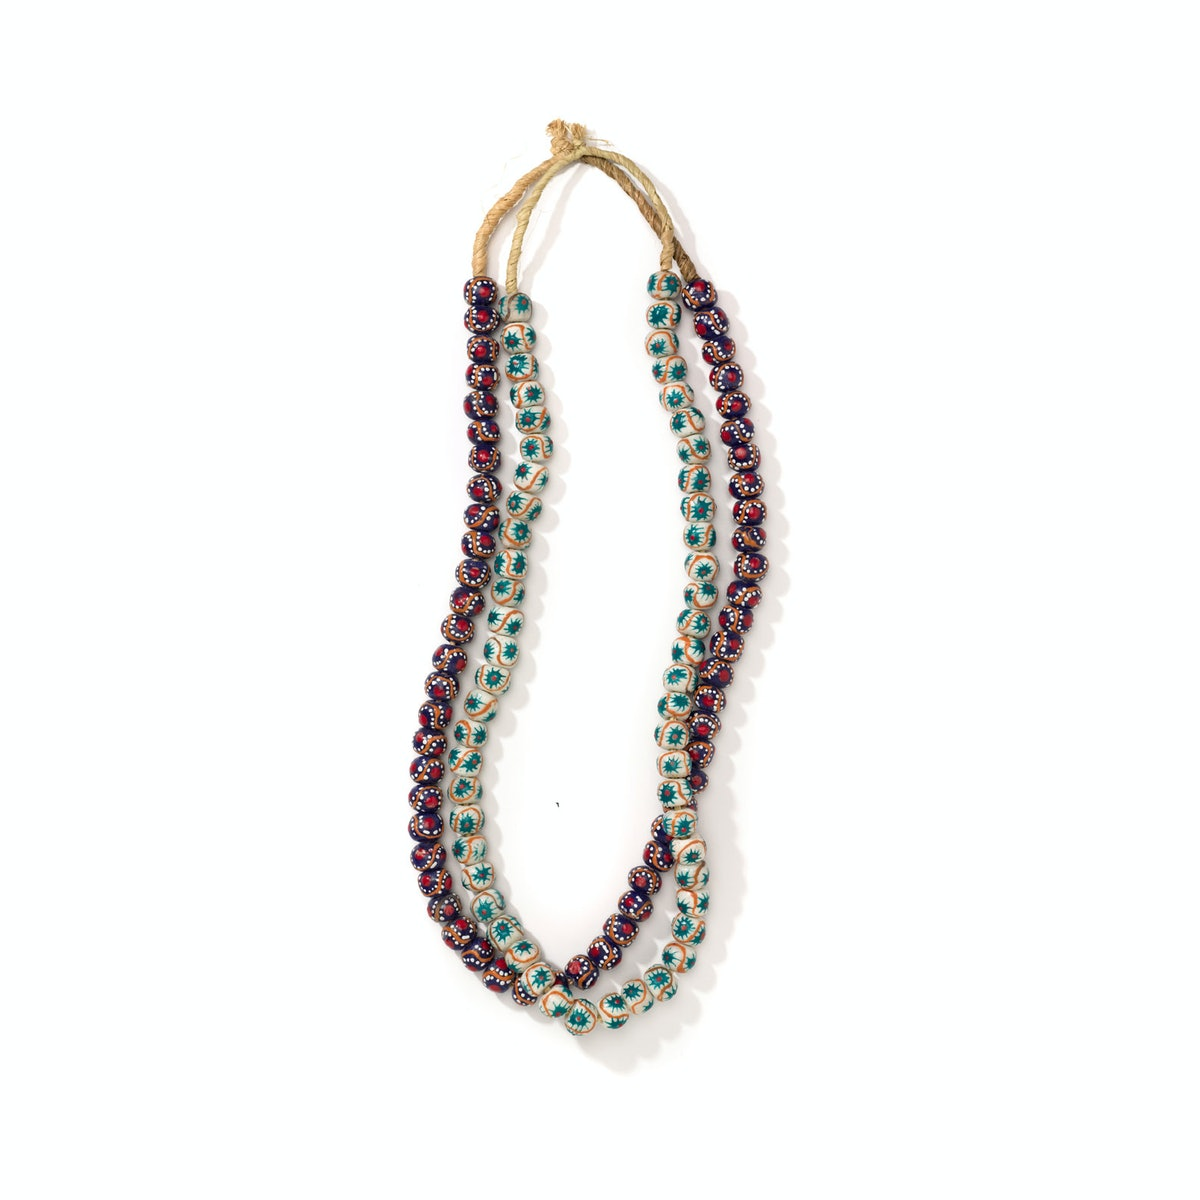 Figue necklaces